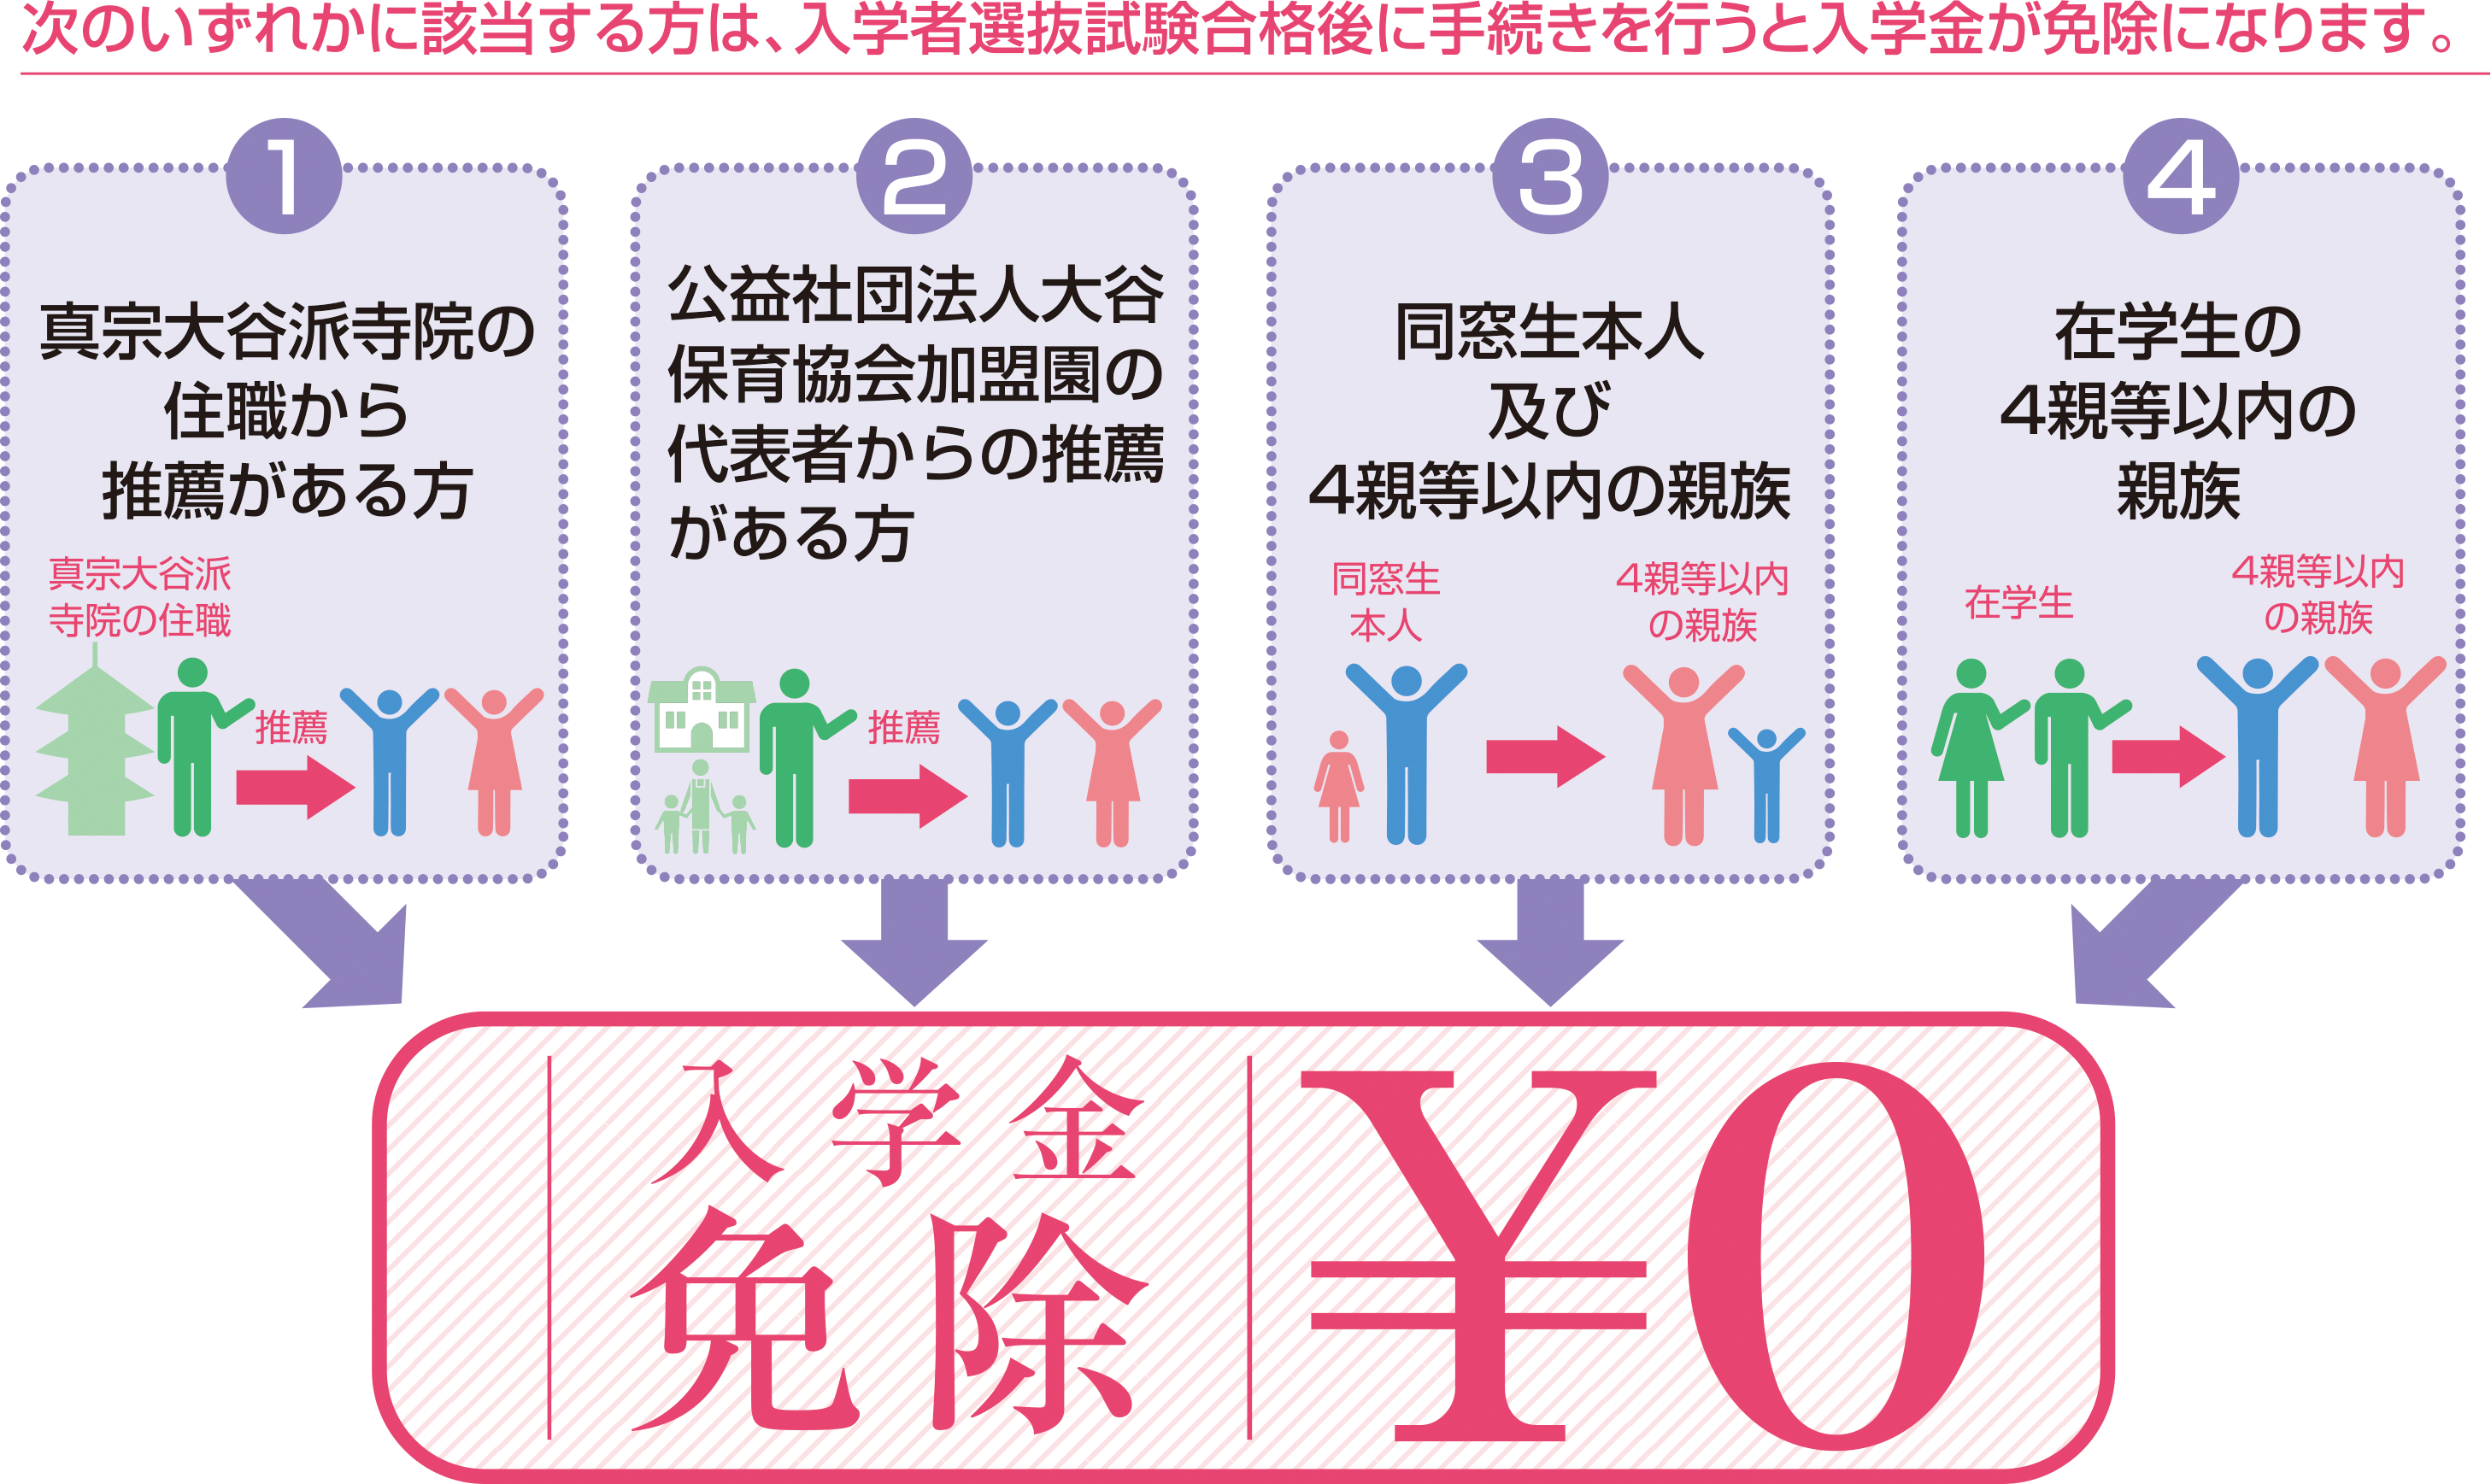 4つに該当する方は入学者選抜試験合格後に手続きを行うと入学金が免除になります